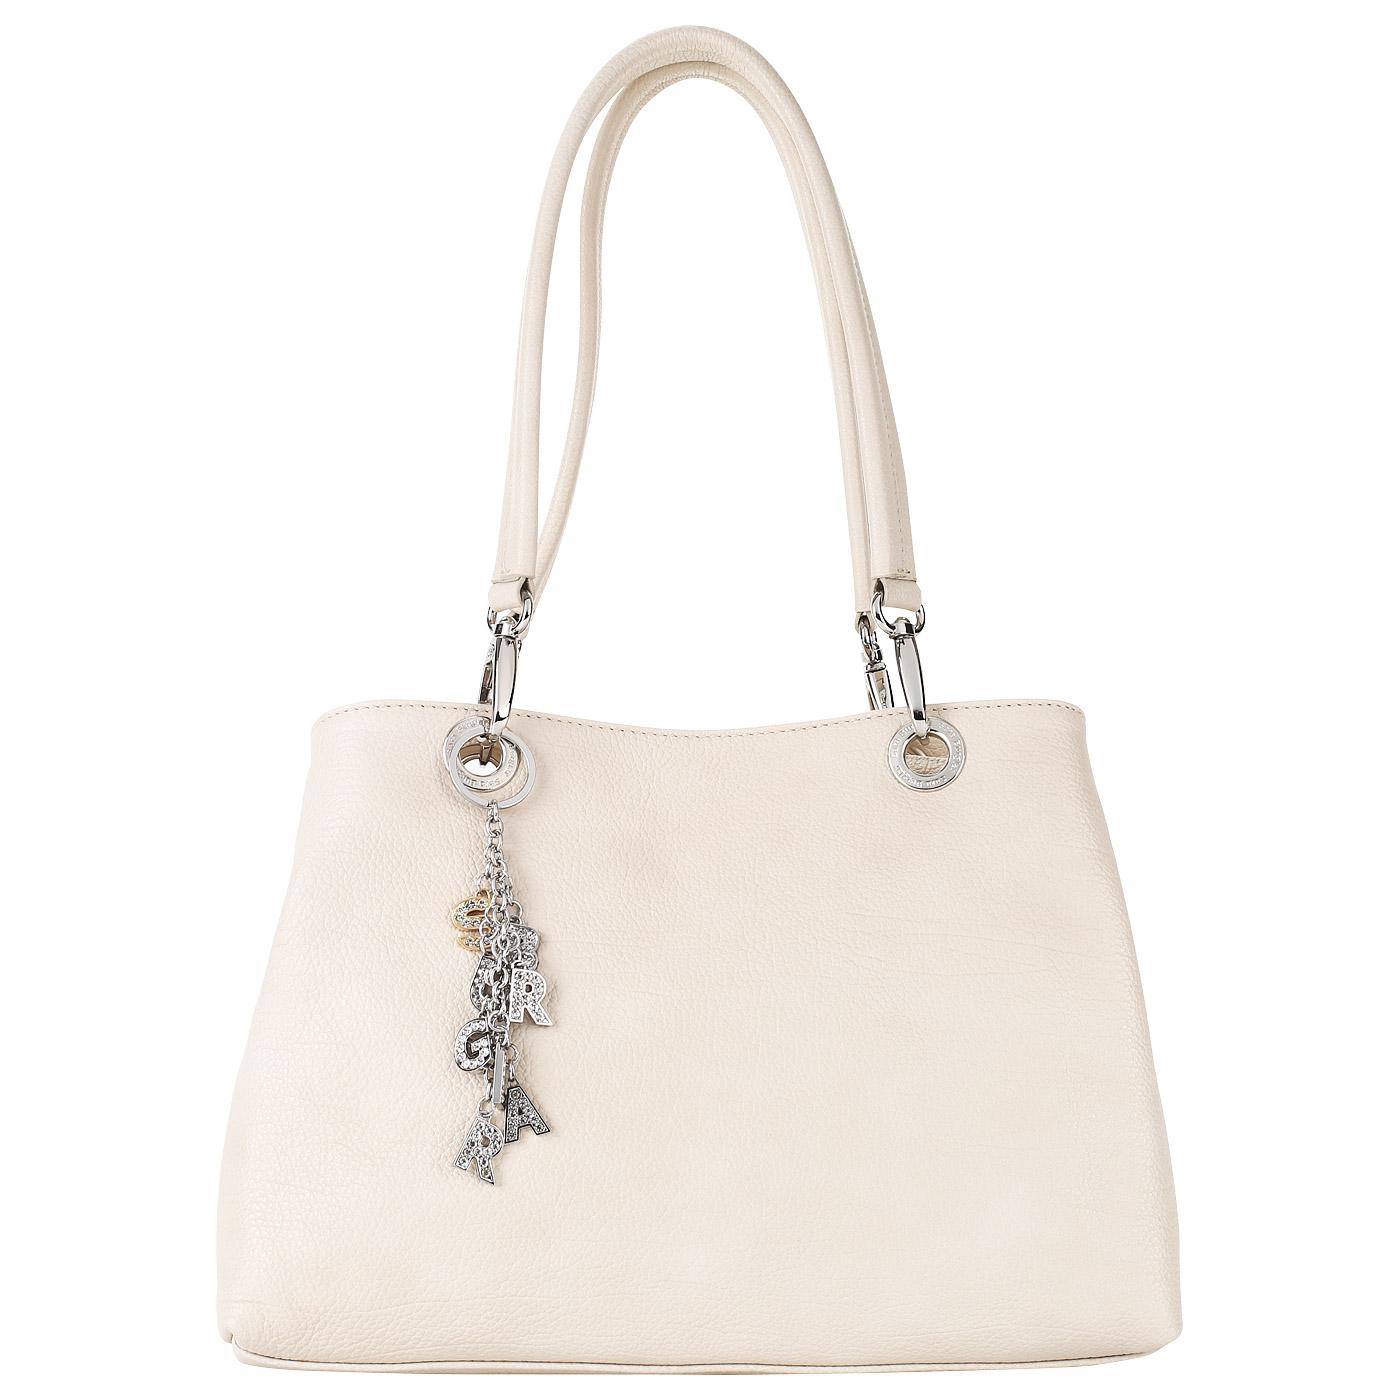 57ddc9970077 ... Женская сумка из натуральной кожи Sara Burglar Ariel seul ...